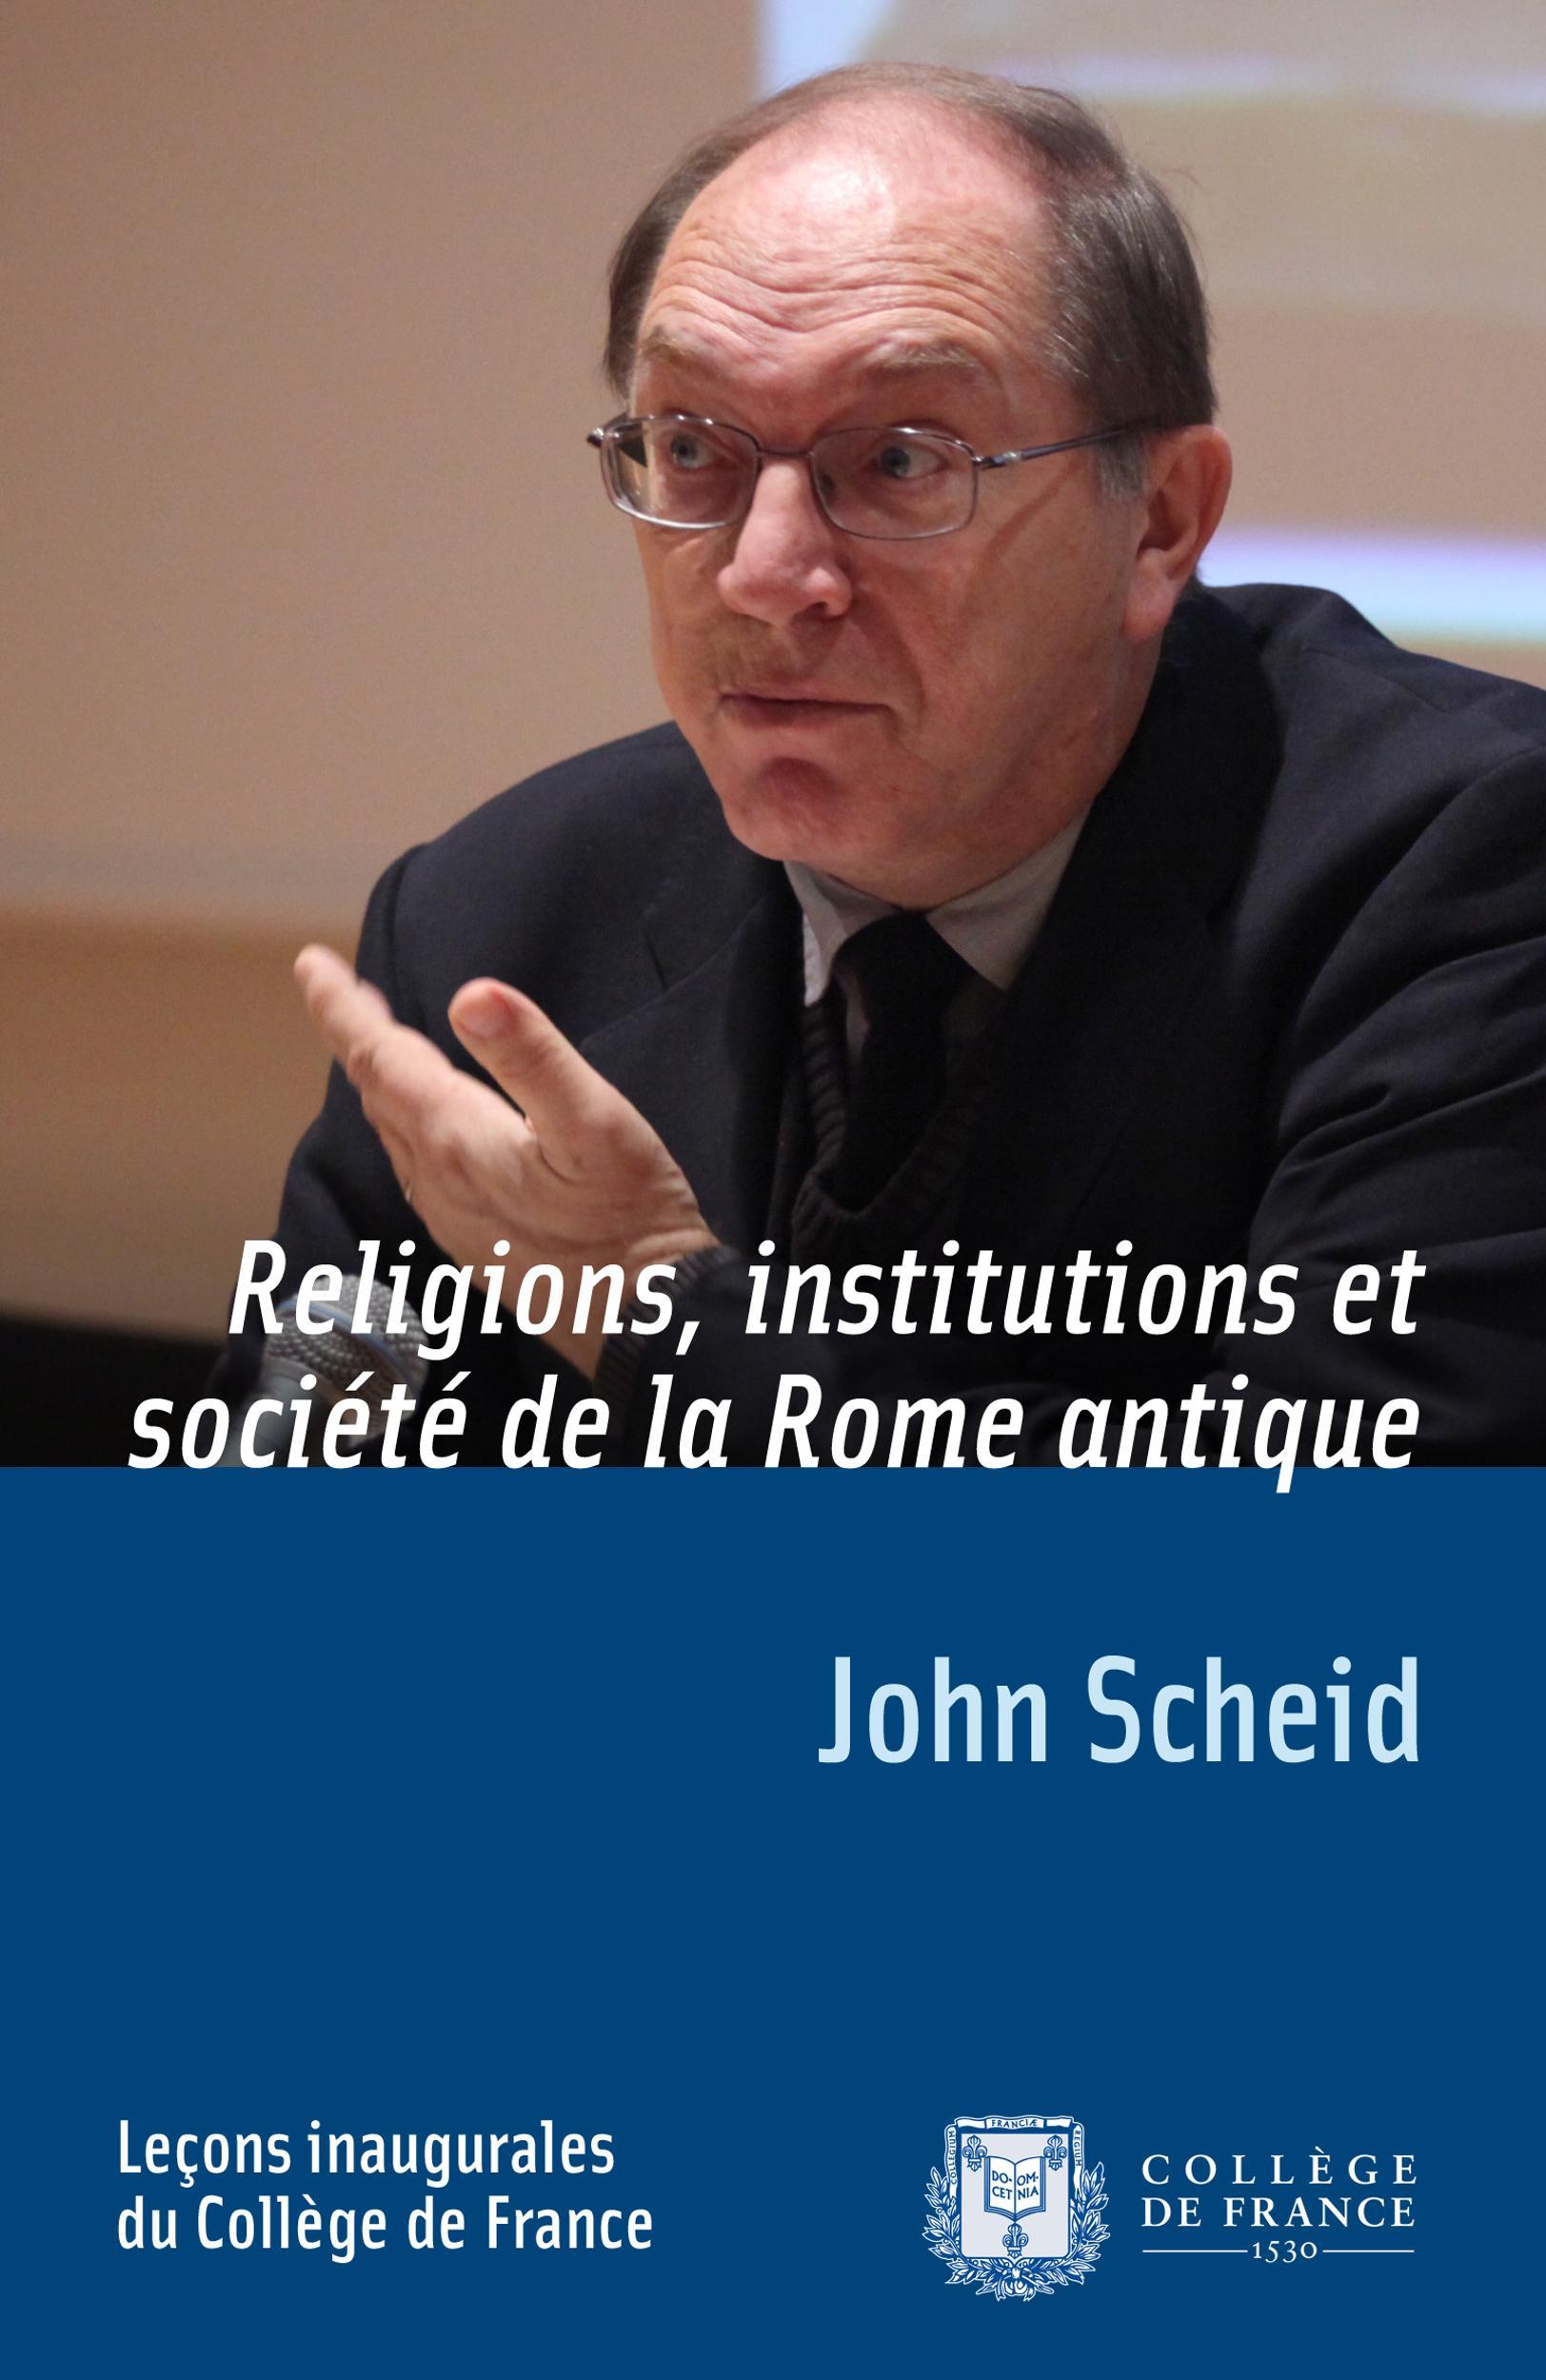 Religion, institutions et société de la Rome antique, LEÇON INAUGURALE PRONONCÉE LE JEUDI 7FÉVRIER2002